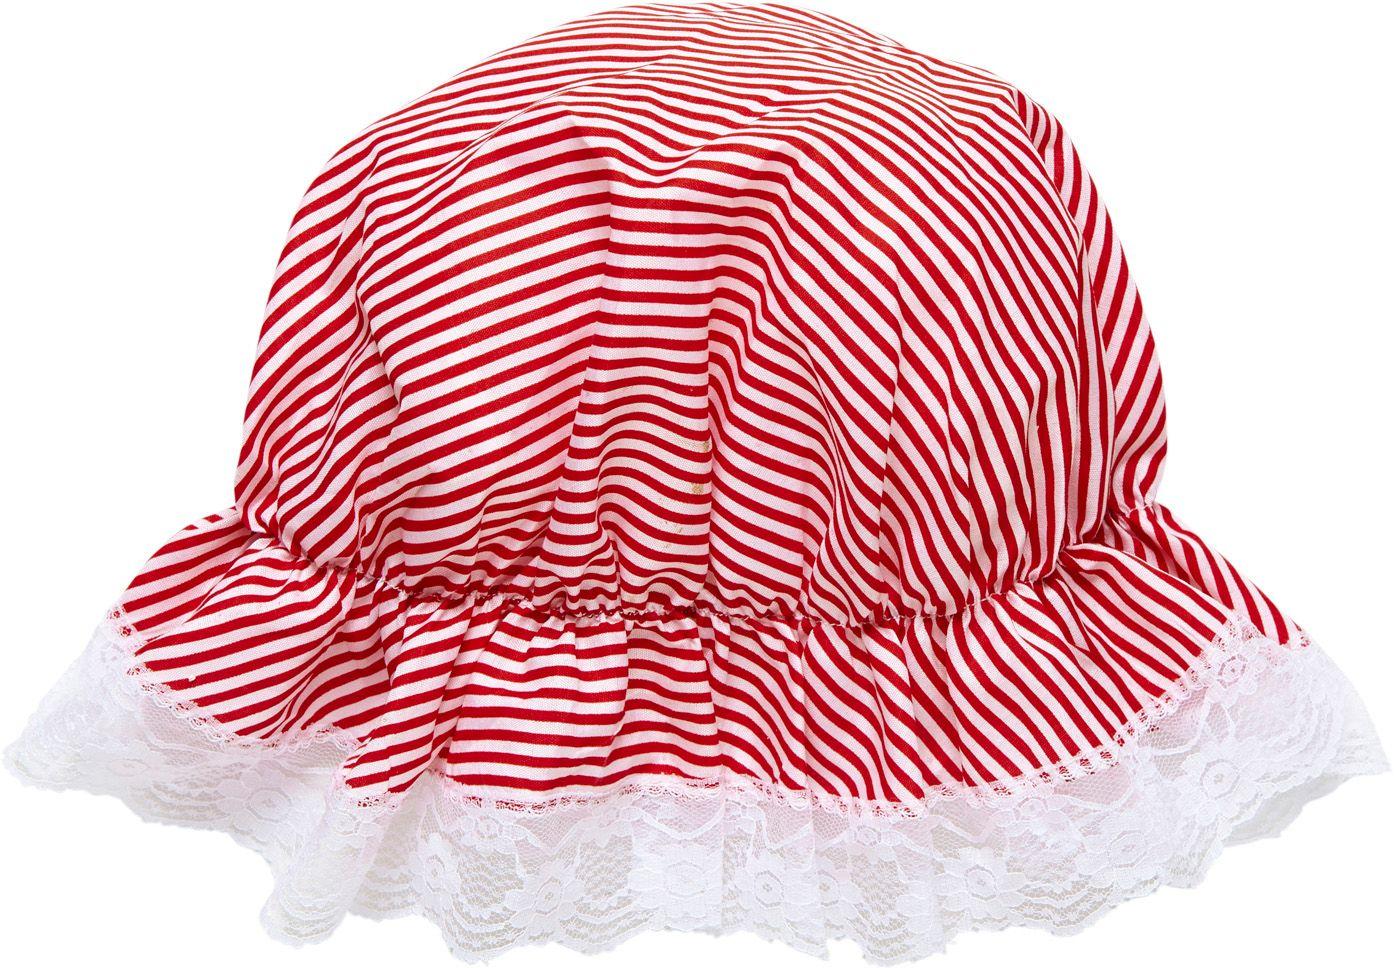 Bonnet rood wit